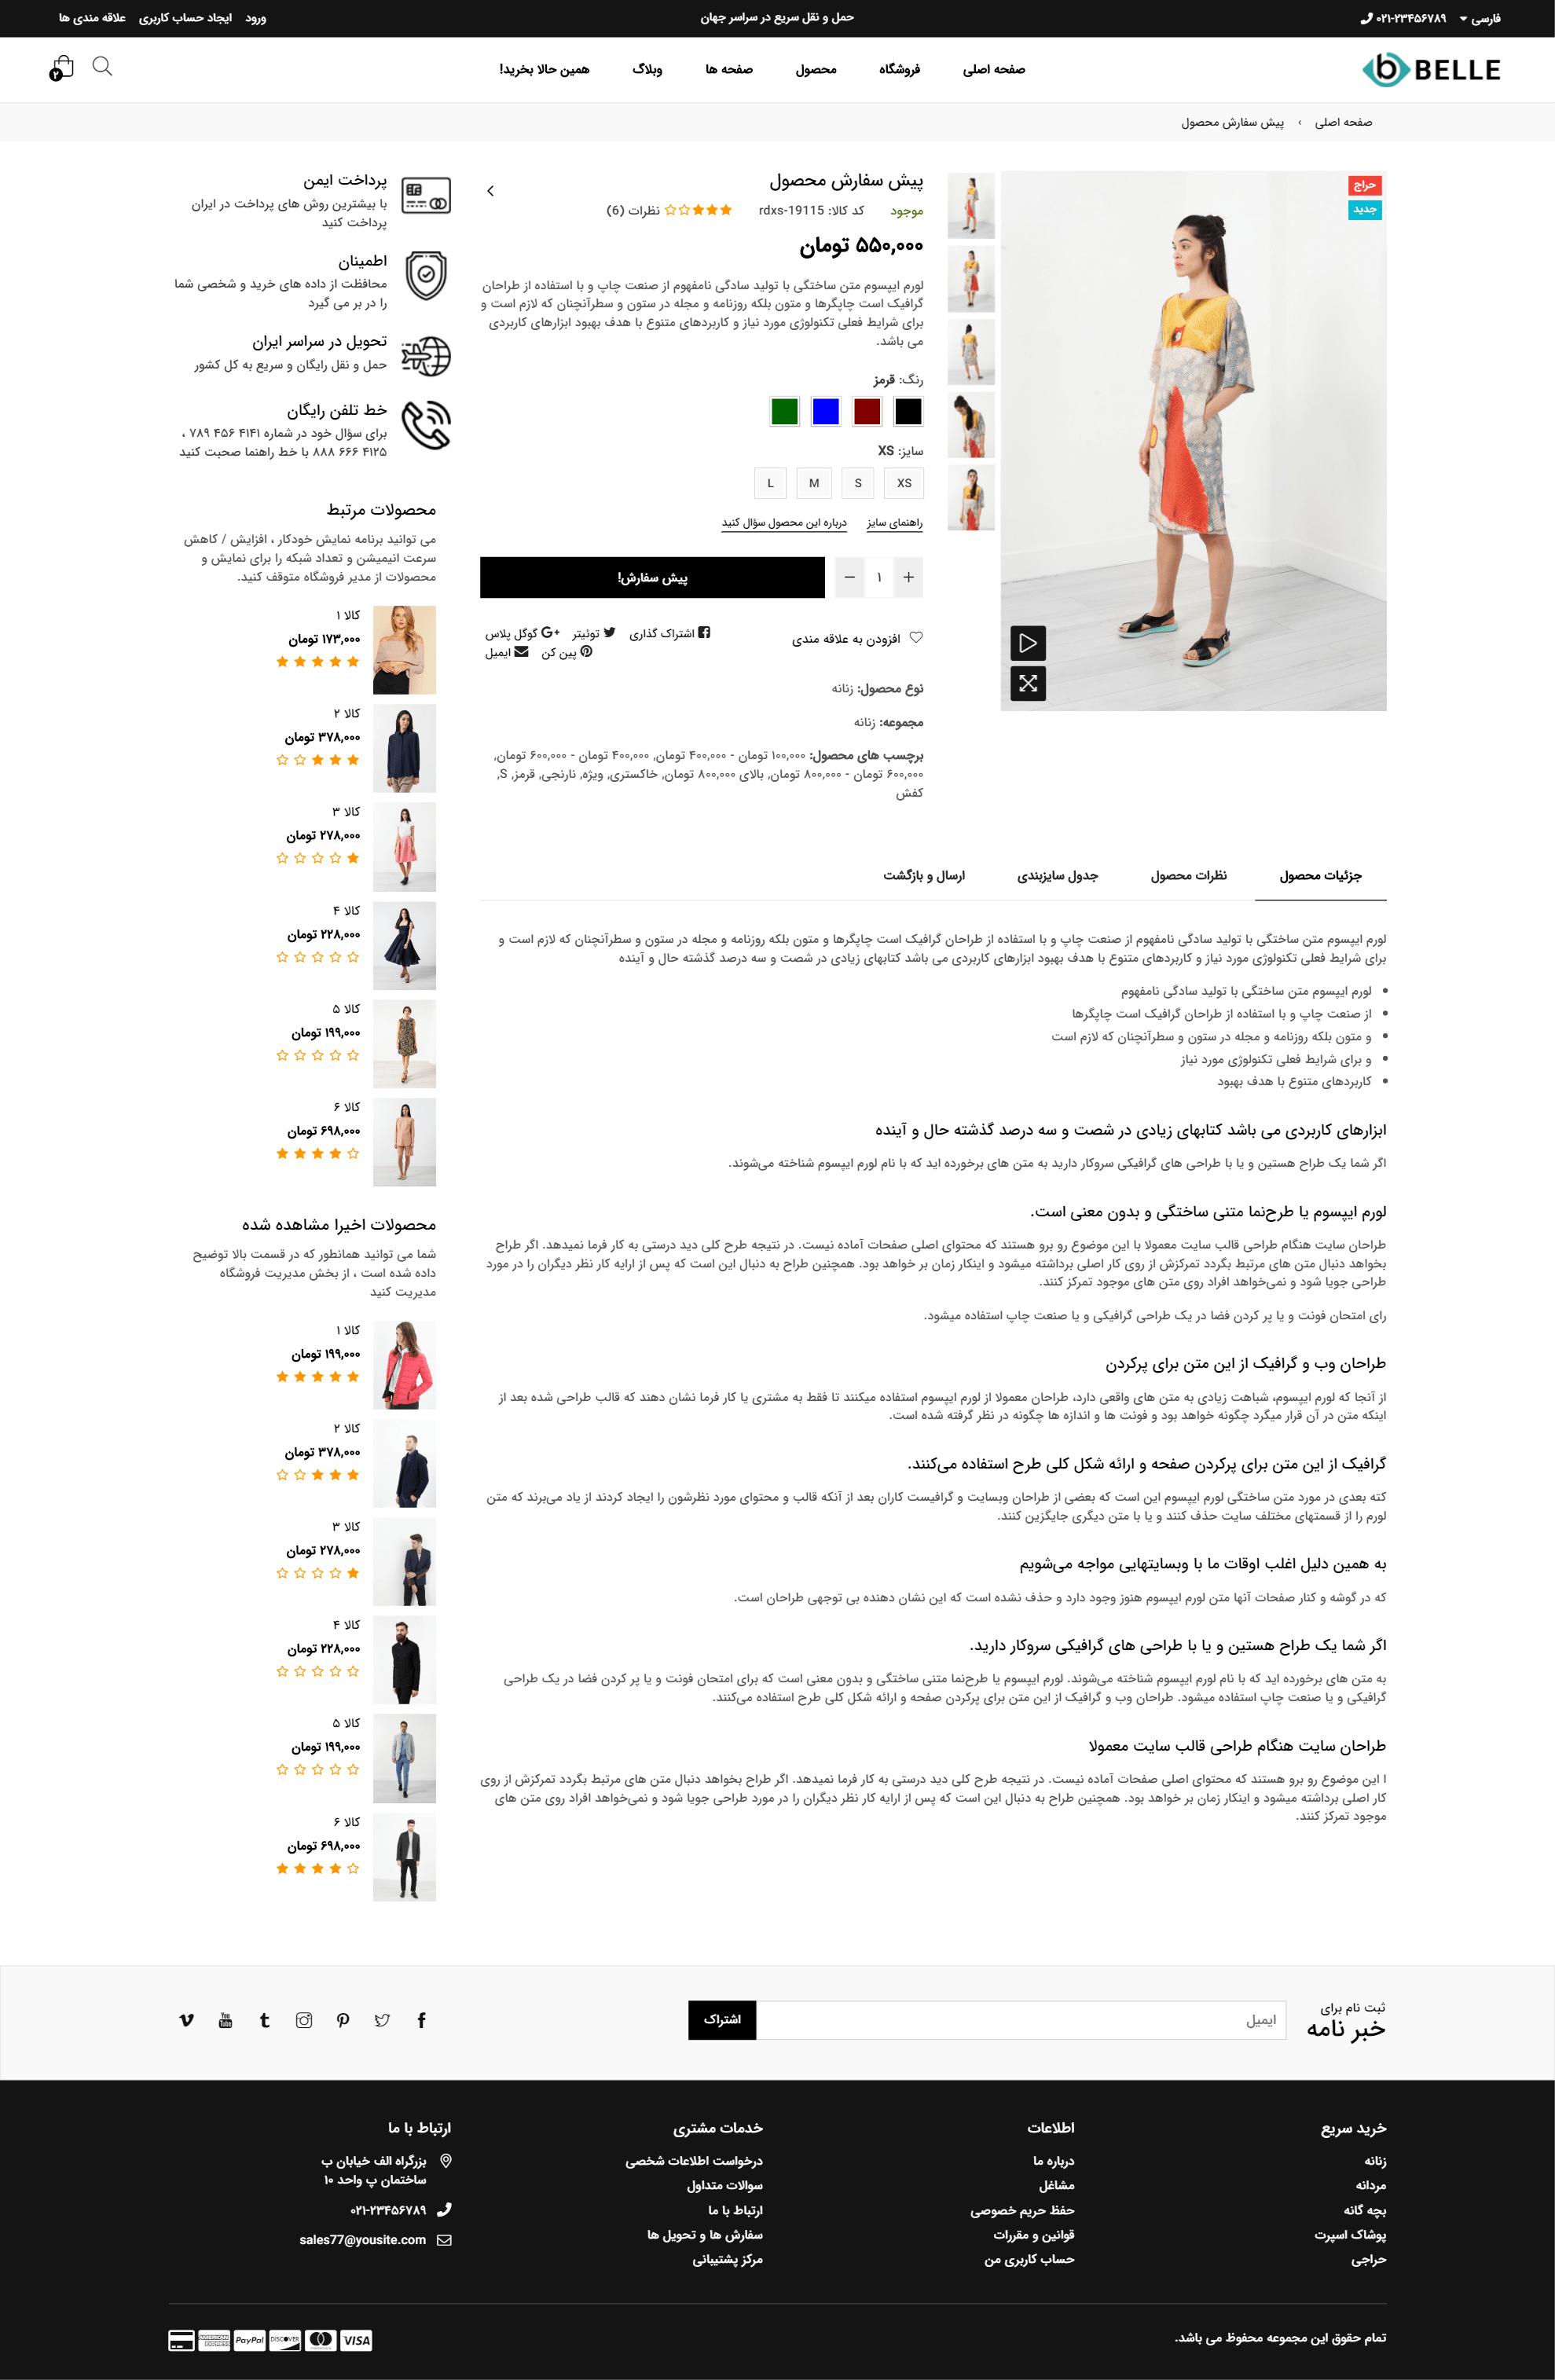 قالب HTML فروشگاهی بل